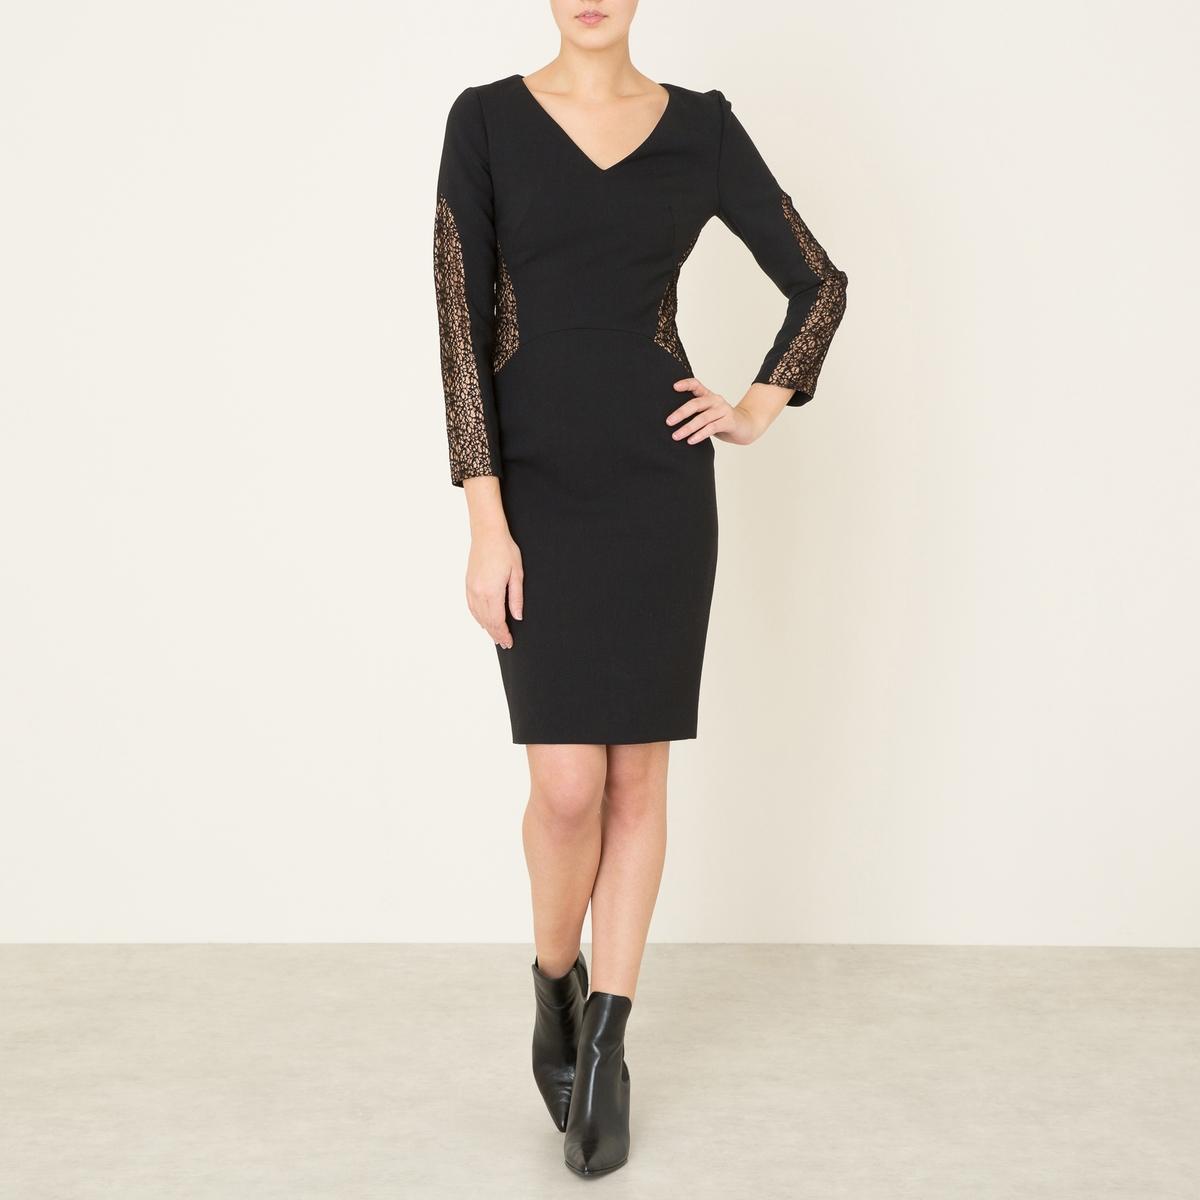 Платье CRAZYСостав и описание   Материал : 53% полиэстера, 44% необработанной шерсти, 3% эластана   Длина : 92 см.Марка : BA&amp;SH<br><br>Цвет: черный<br>Размер: S